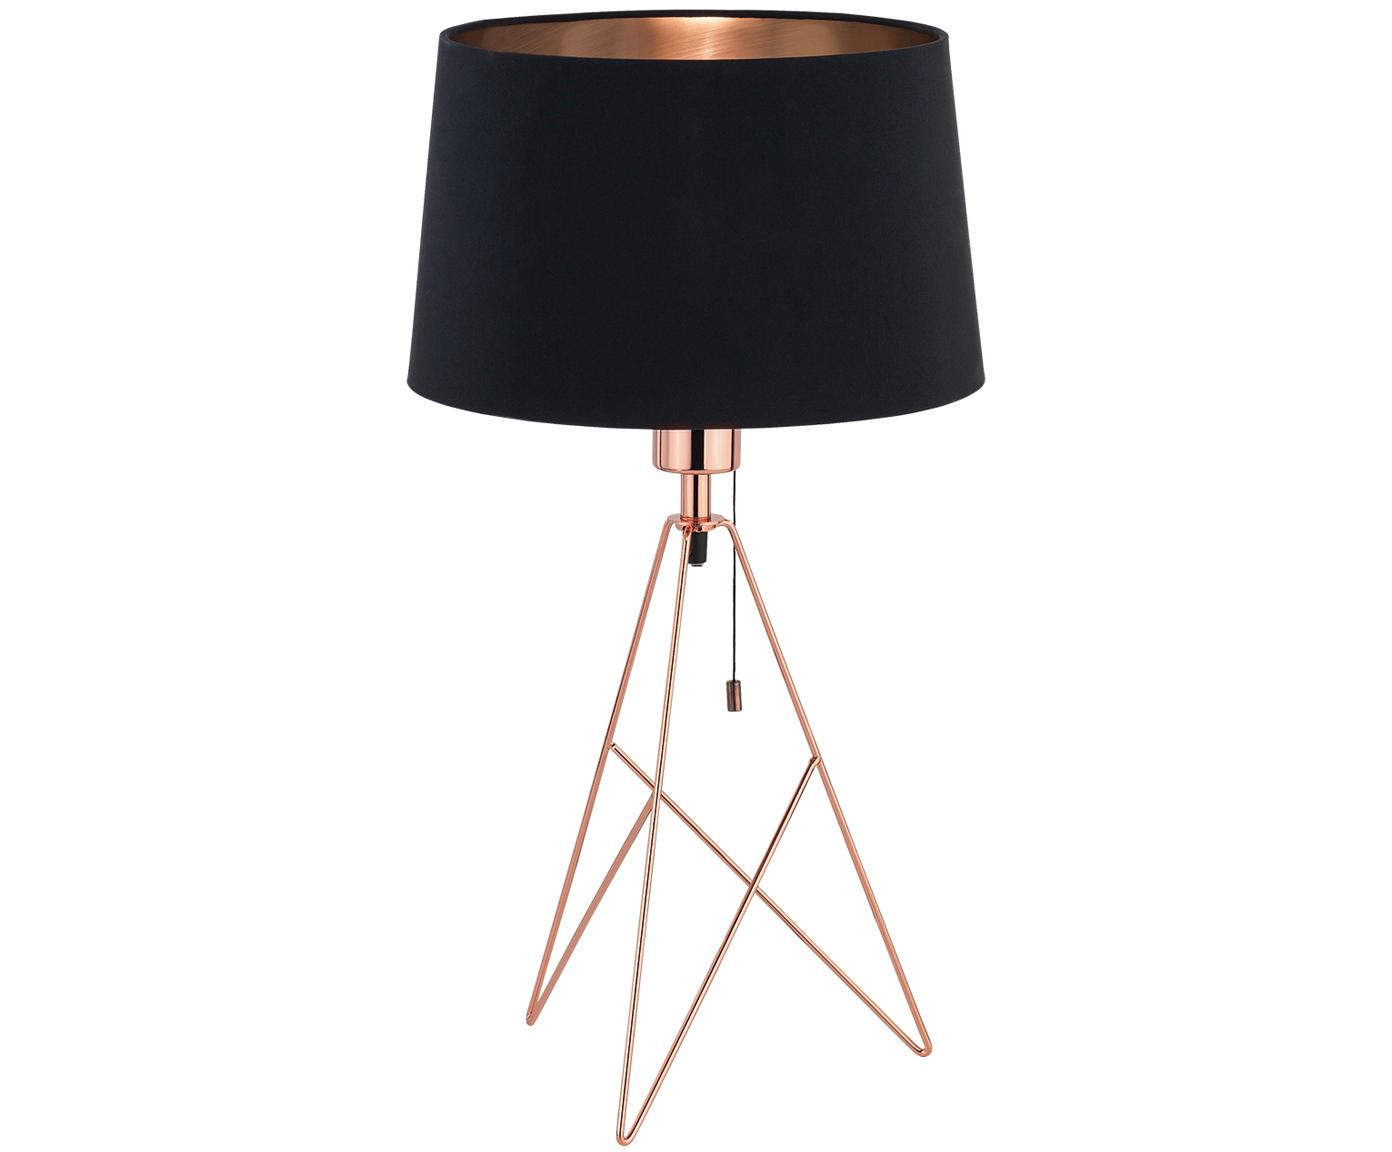 Tischleuchte Camporale in Kupfer-Schwarz, Schwarz, Kupferfarben, Ø 30 x H 56 cm